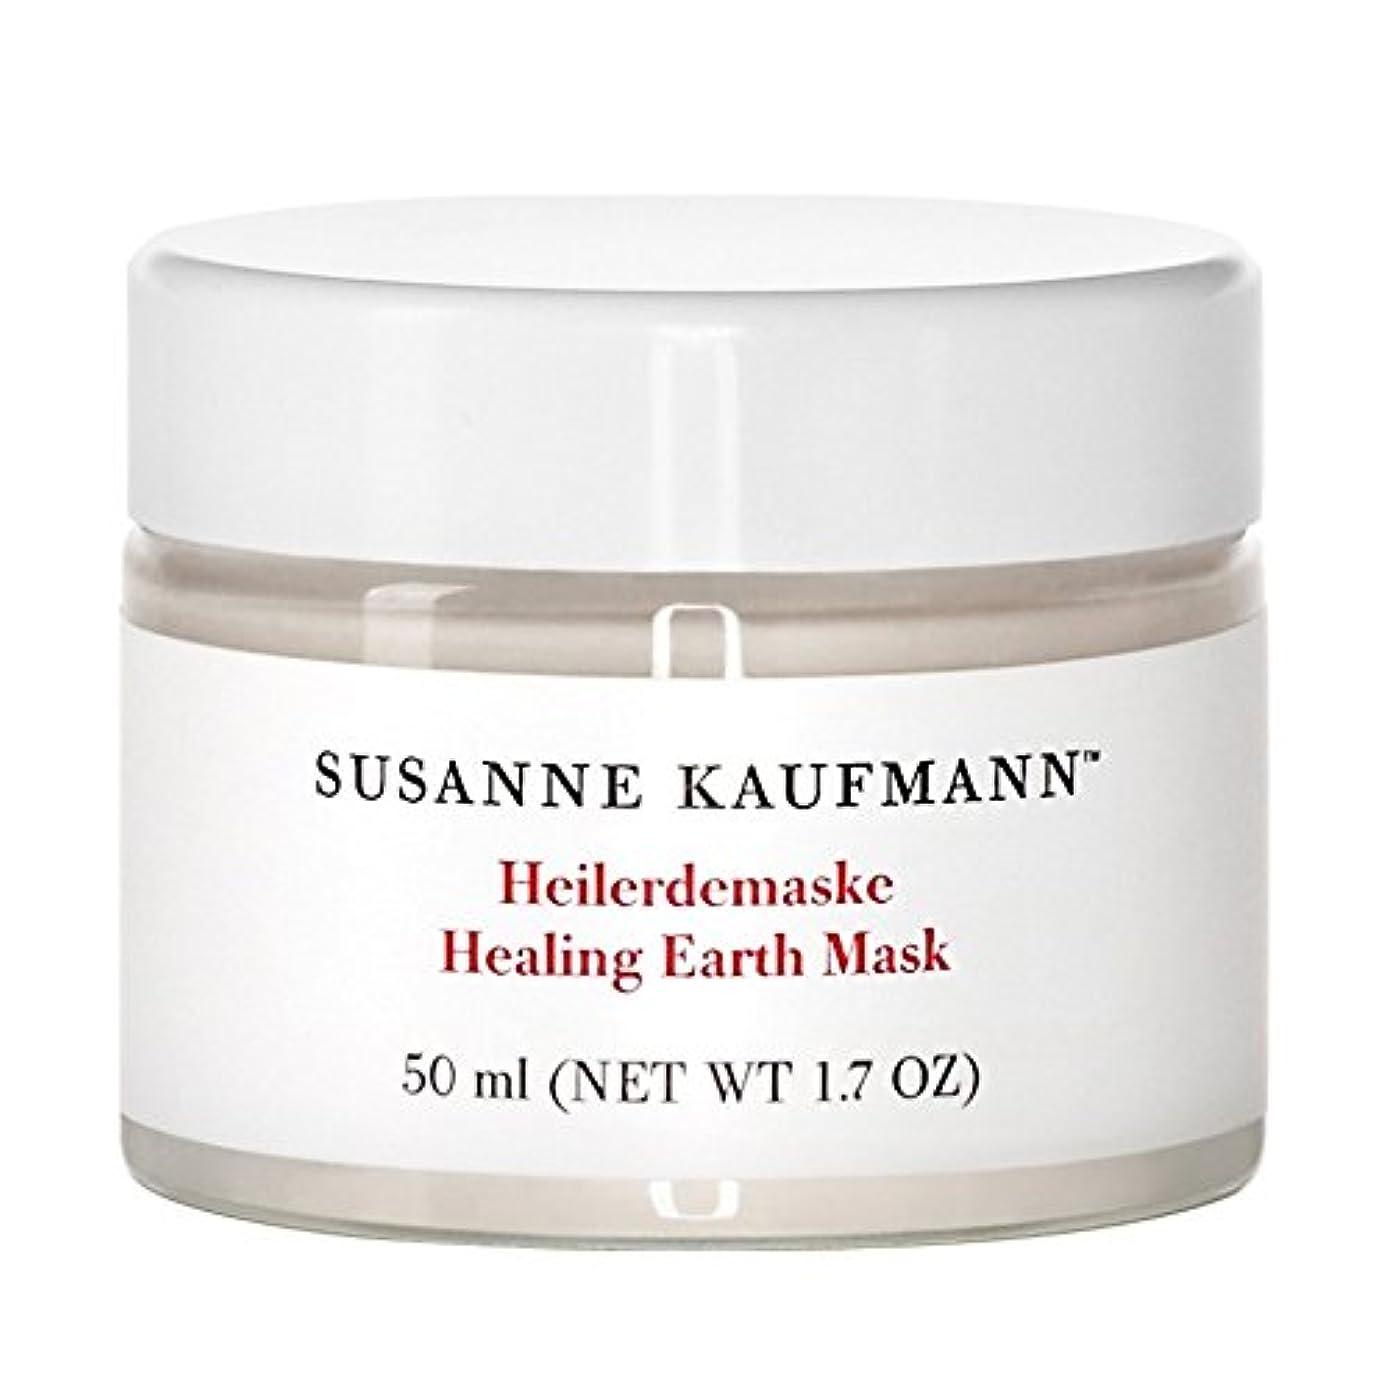 火山学通知敵意スザンヌカウフマン癒しの地球マスク50ミリリットル x2 - Susanne Kaufmann Healing Earth Mask 50ml (Pack of 2) [並行輸入品]